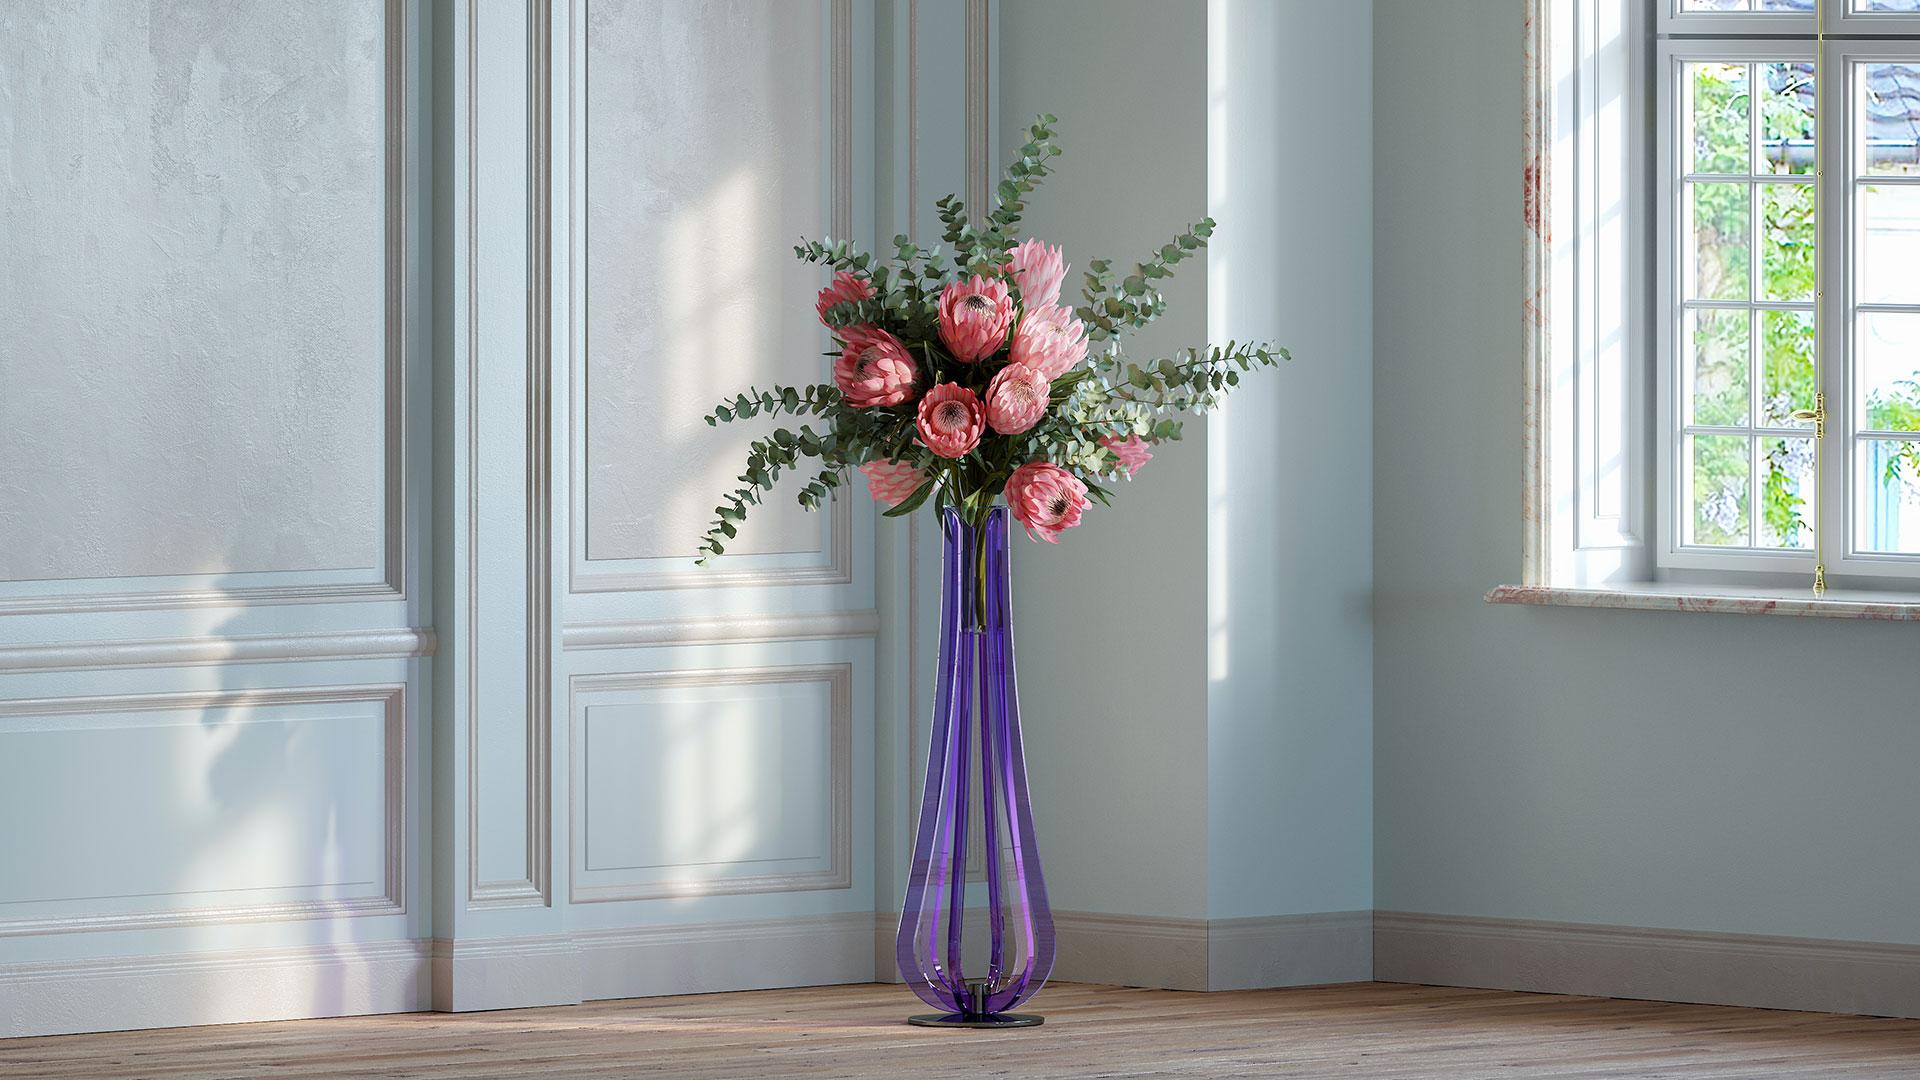 Aura vase by Adam Edward Design